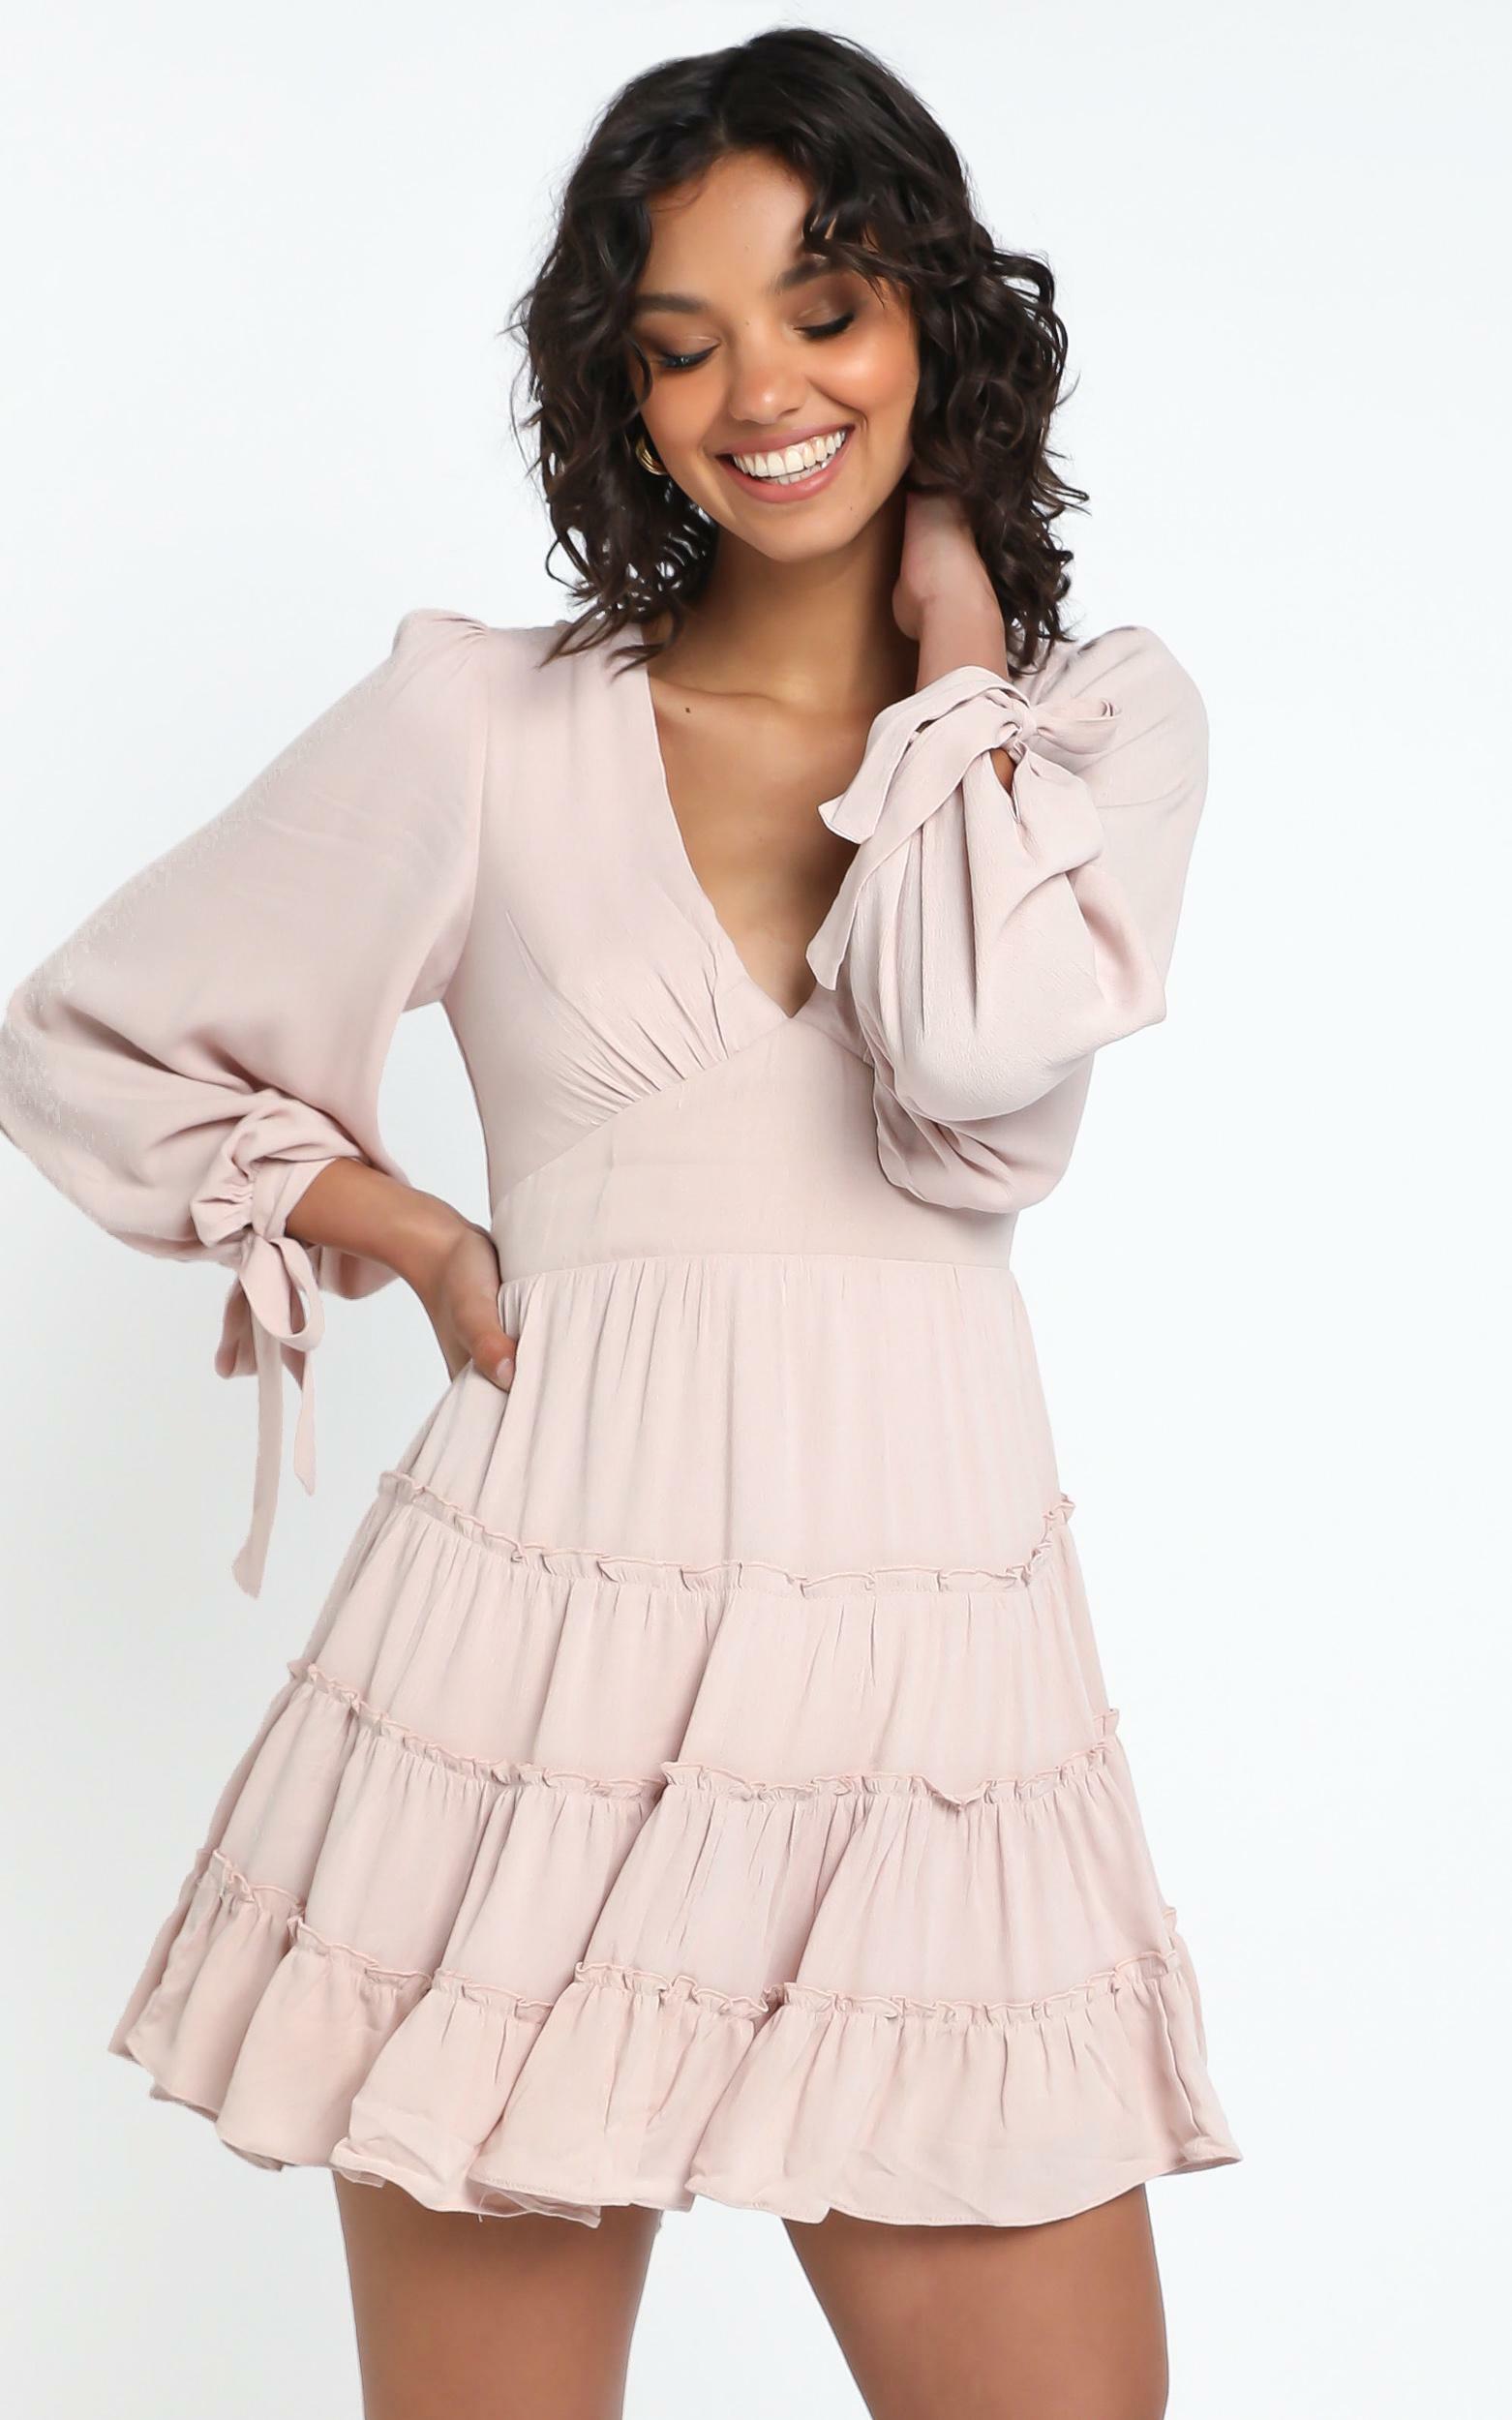 Elliot Dress in Blush - 12 (L), Blush, hi-res image number null